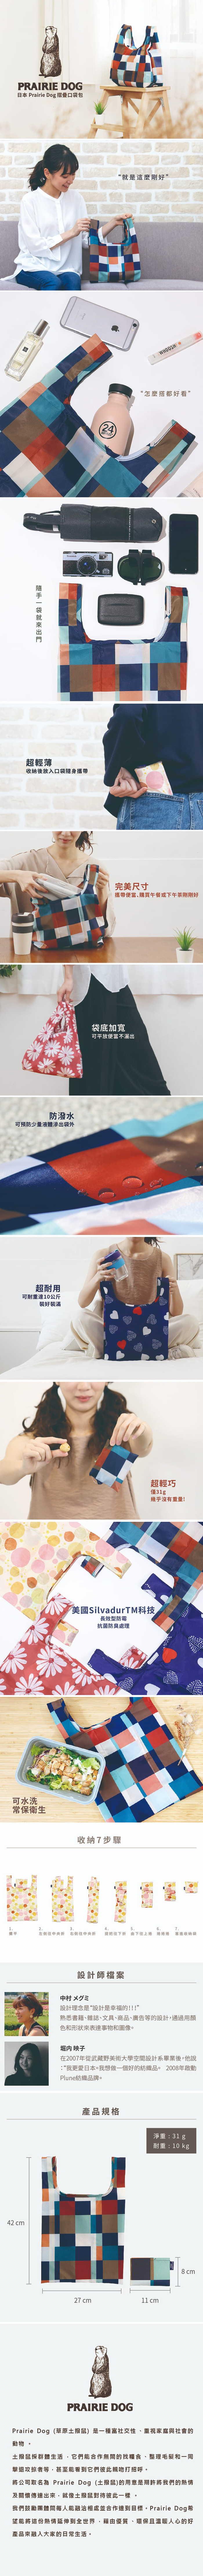 (複製)日本 Prairie Dog|摺疊口袋包 - 心之烙印